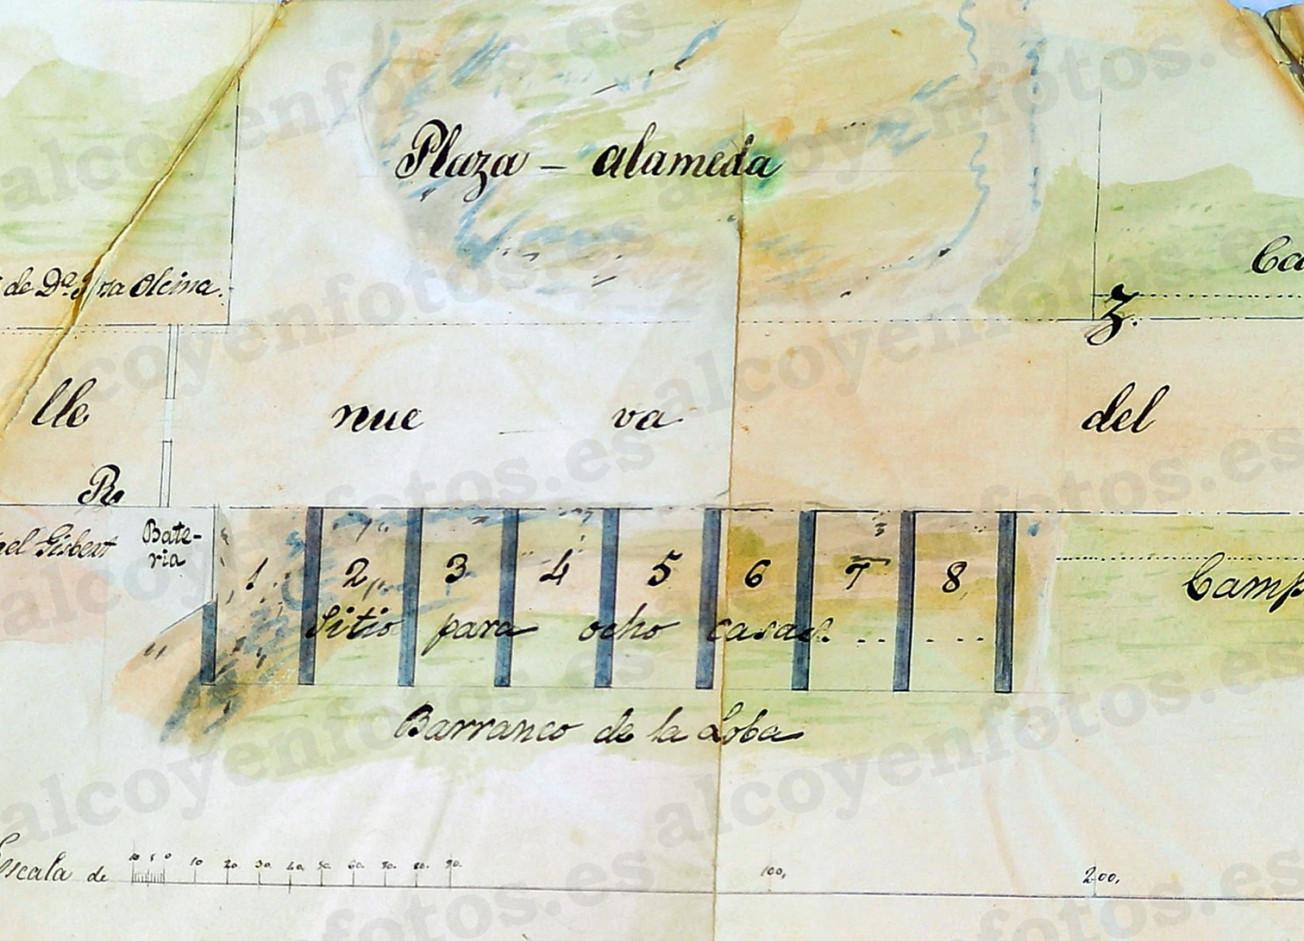 1844-plaza-alameda